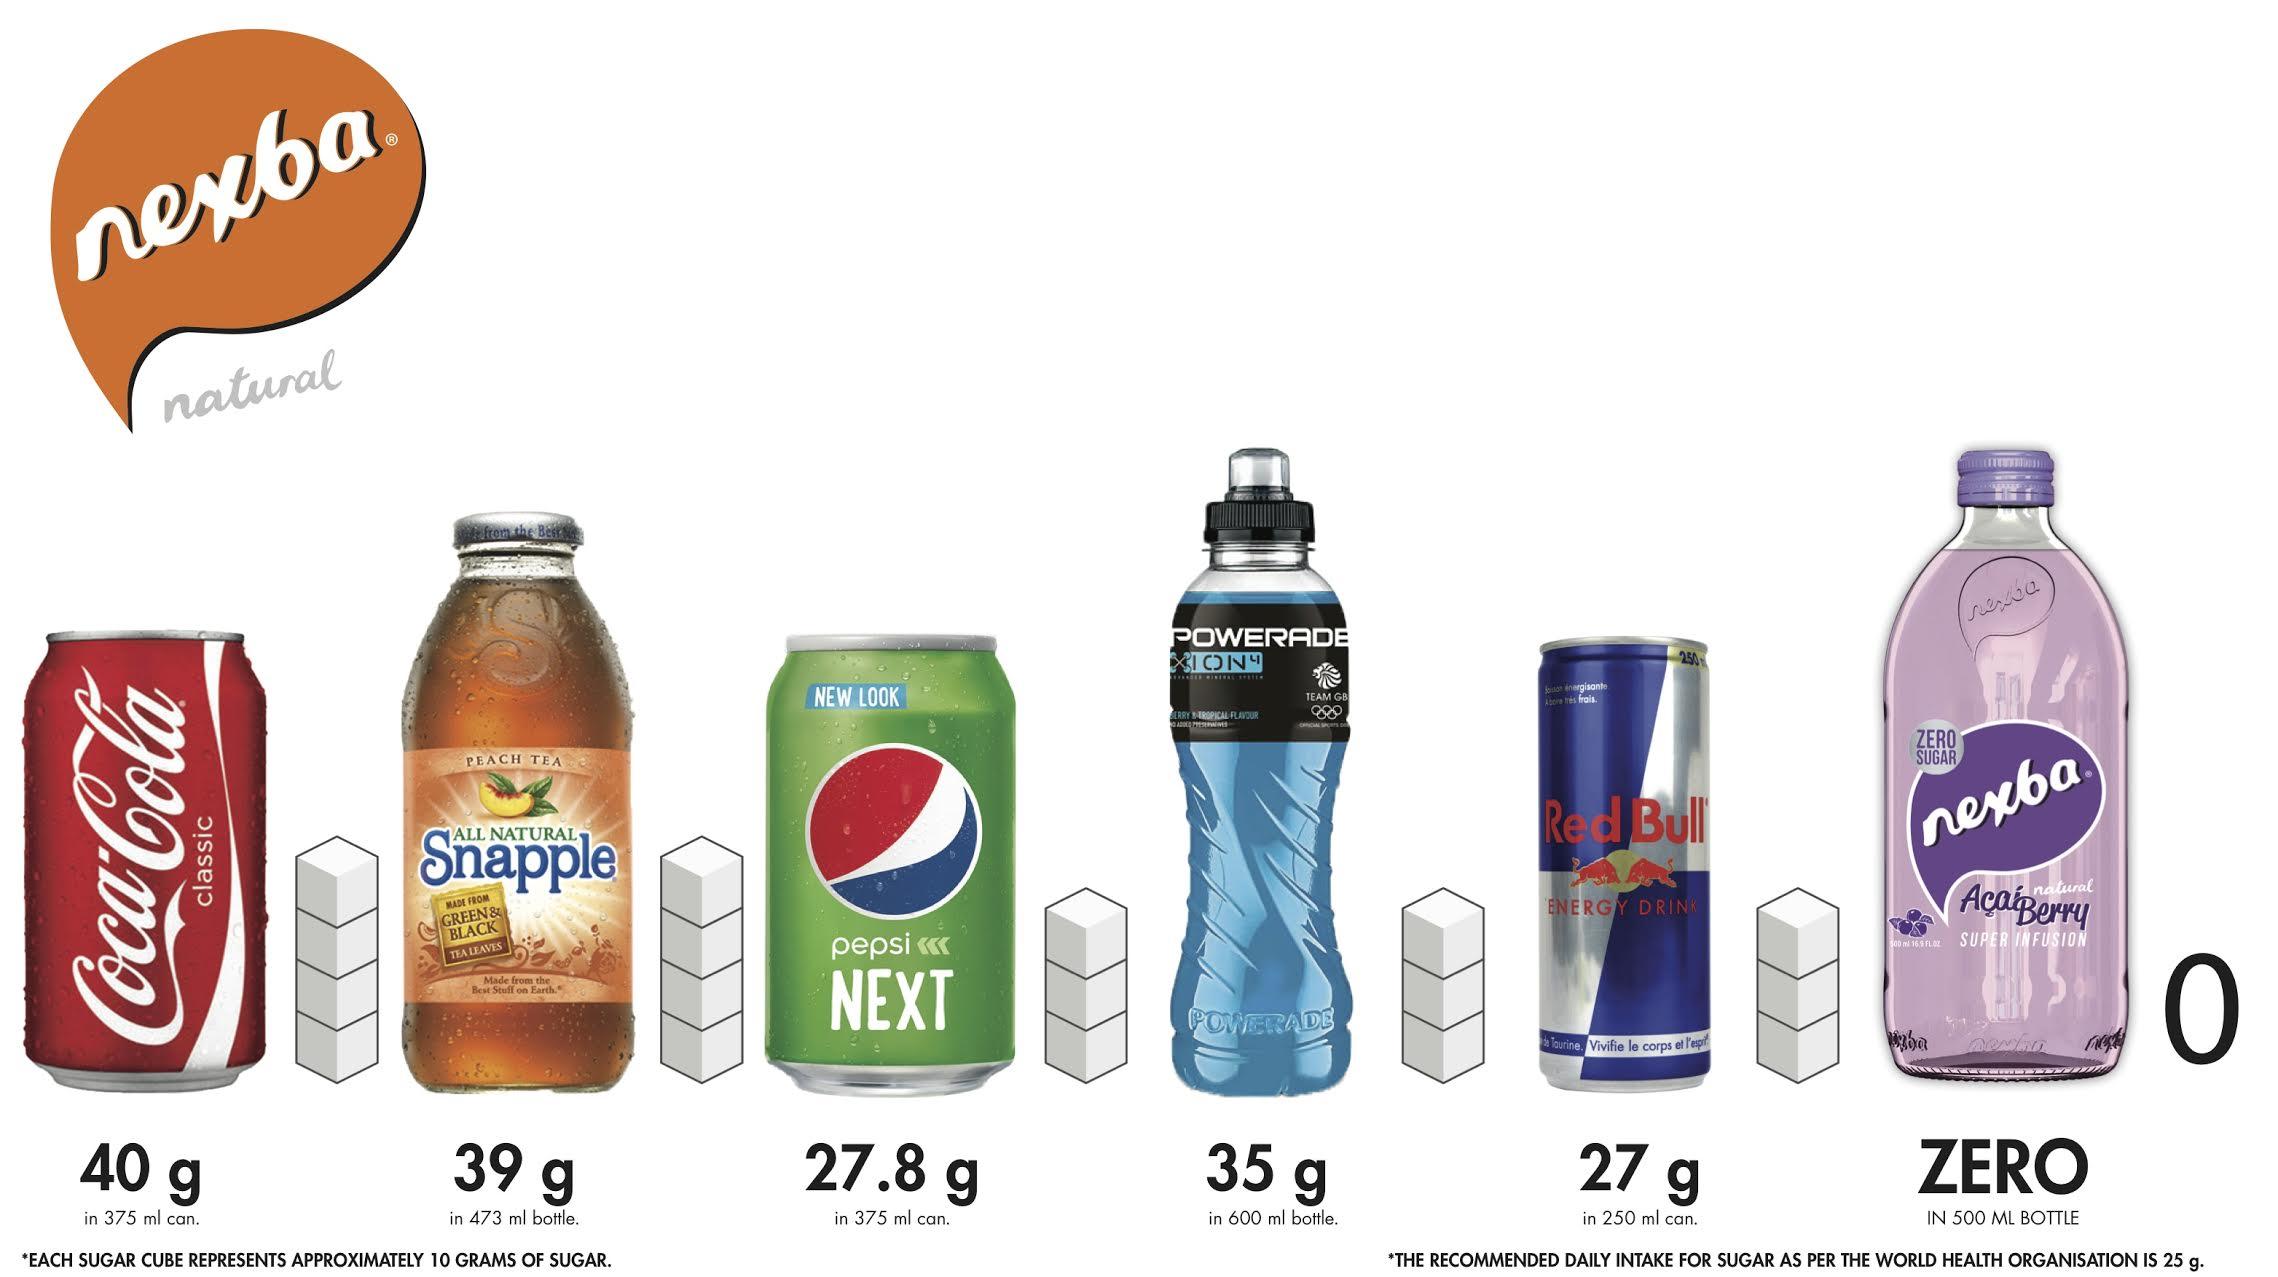 nexba sugary drinks infographic